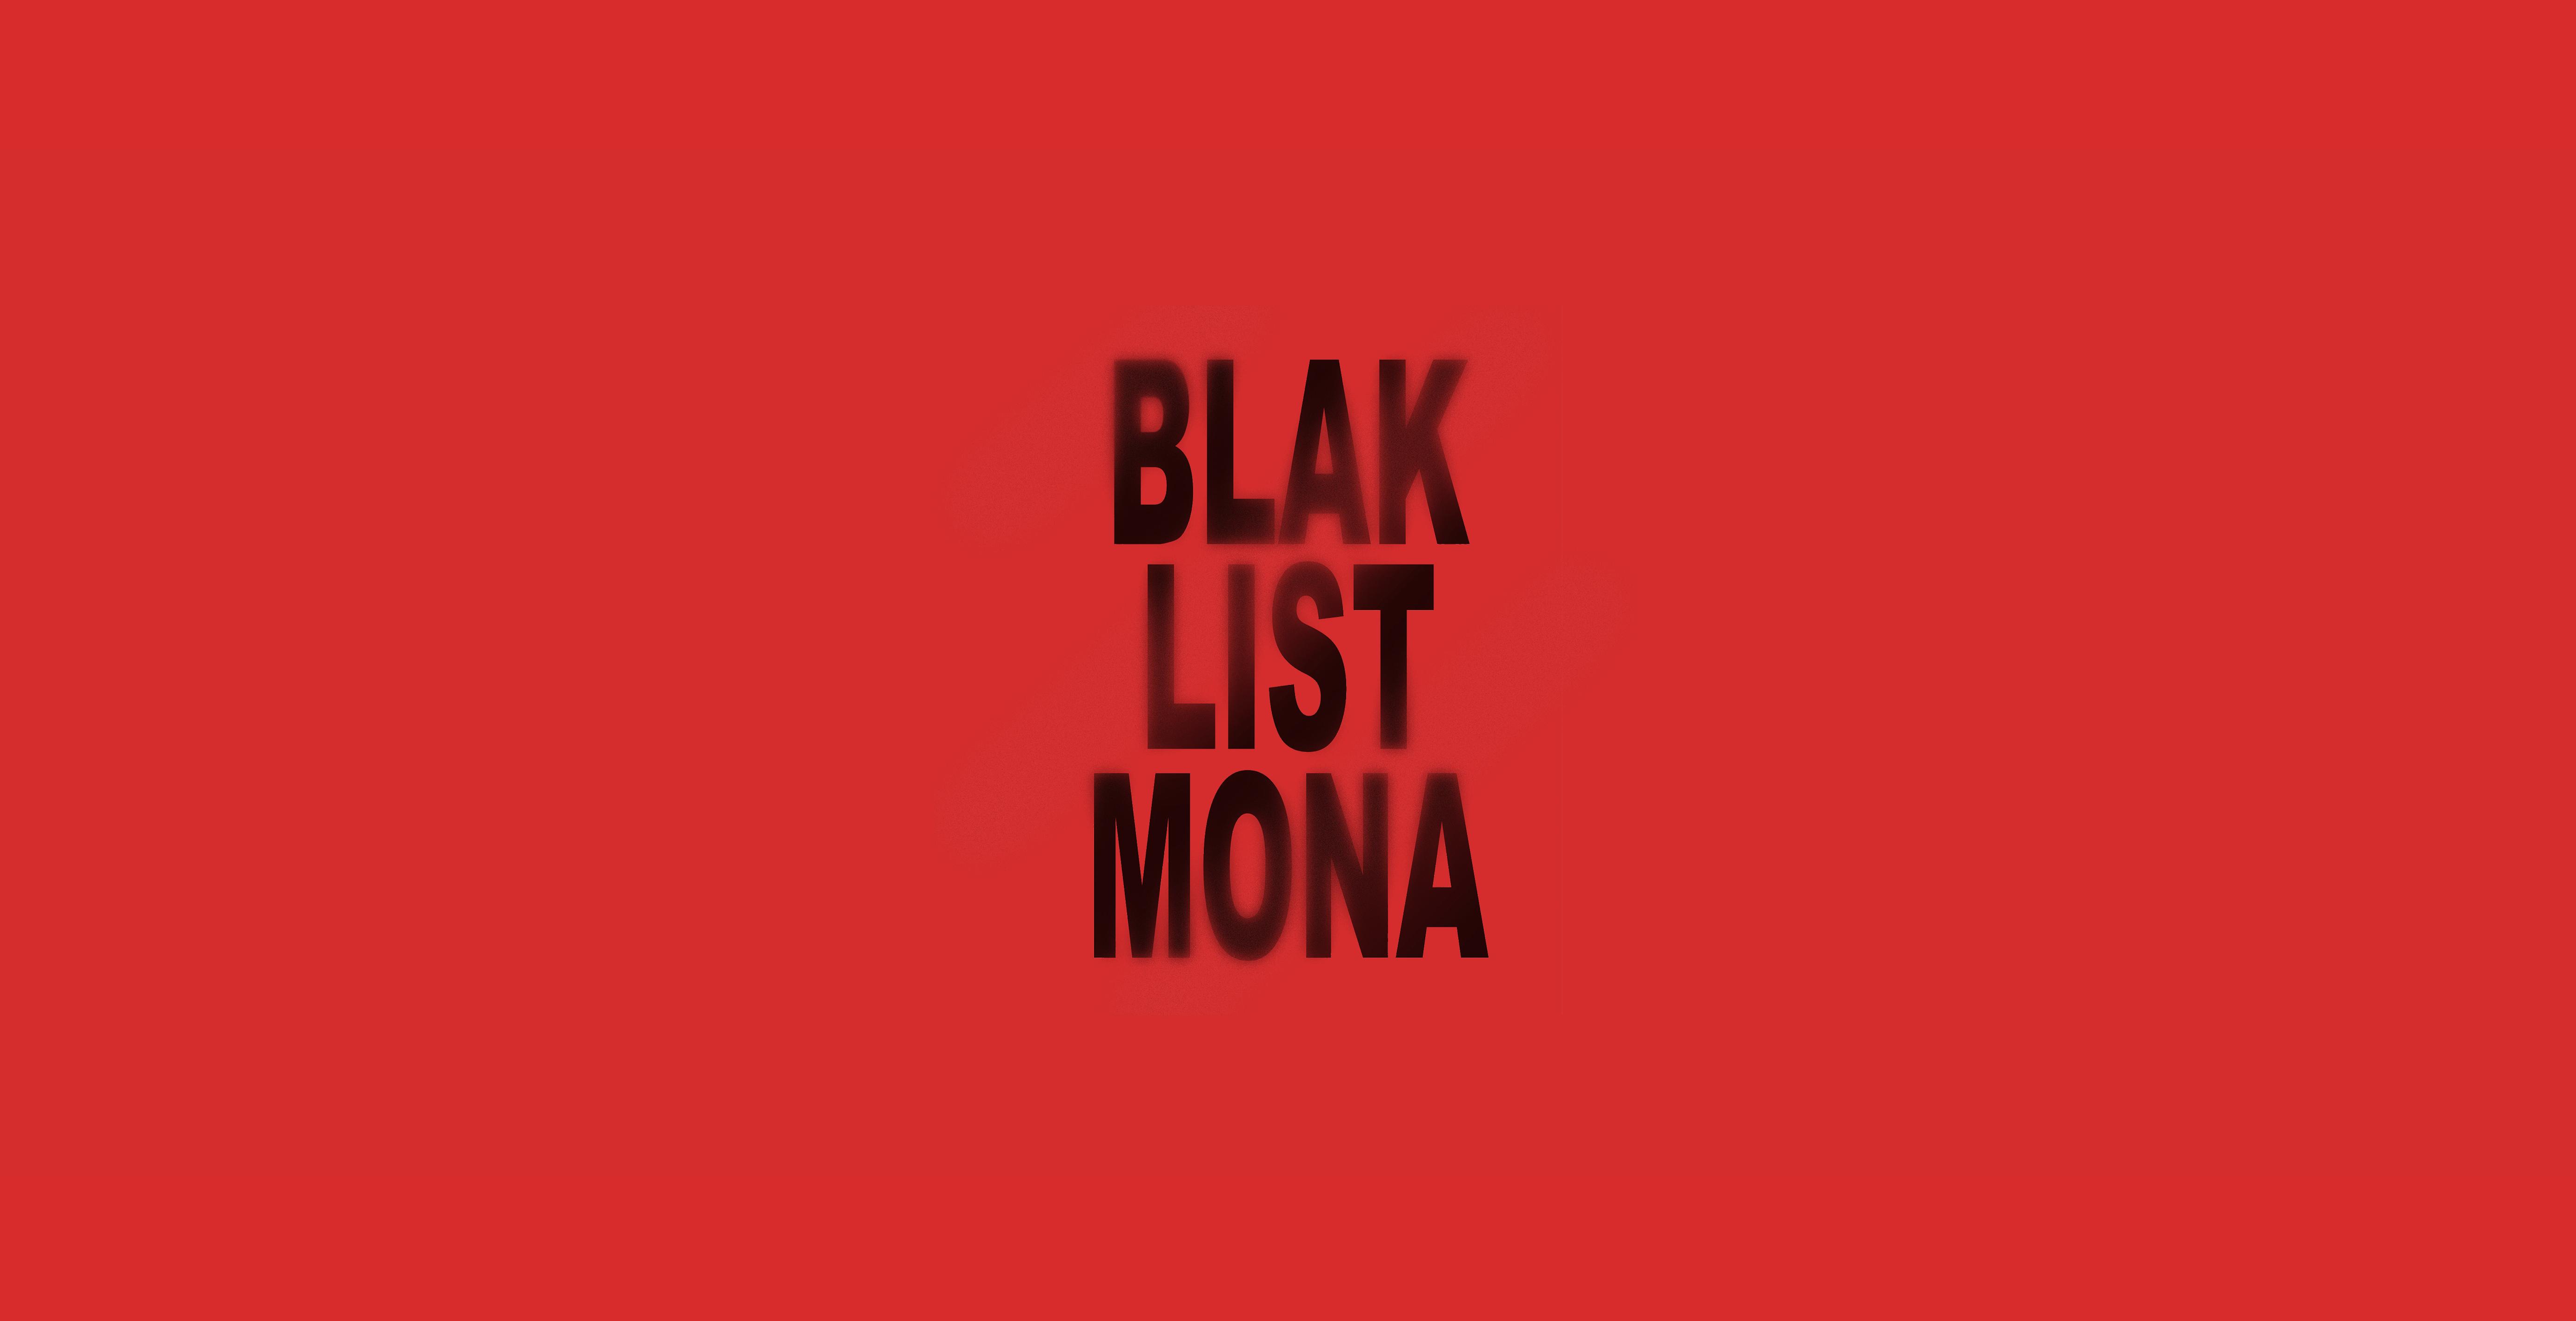 BLAK LIST MONA, Courtesy of Blak List MONA.